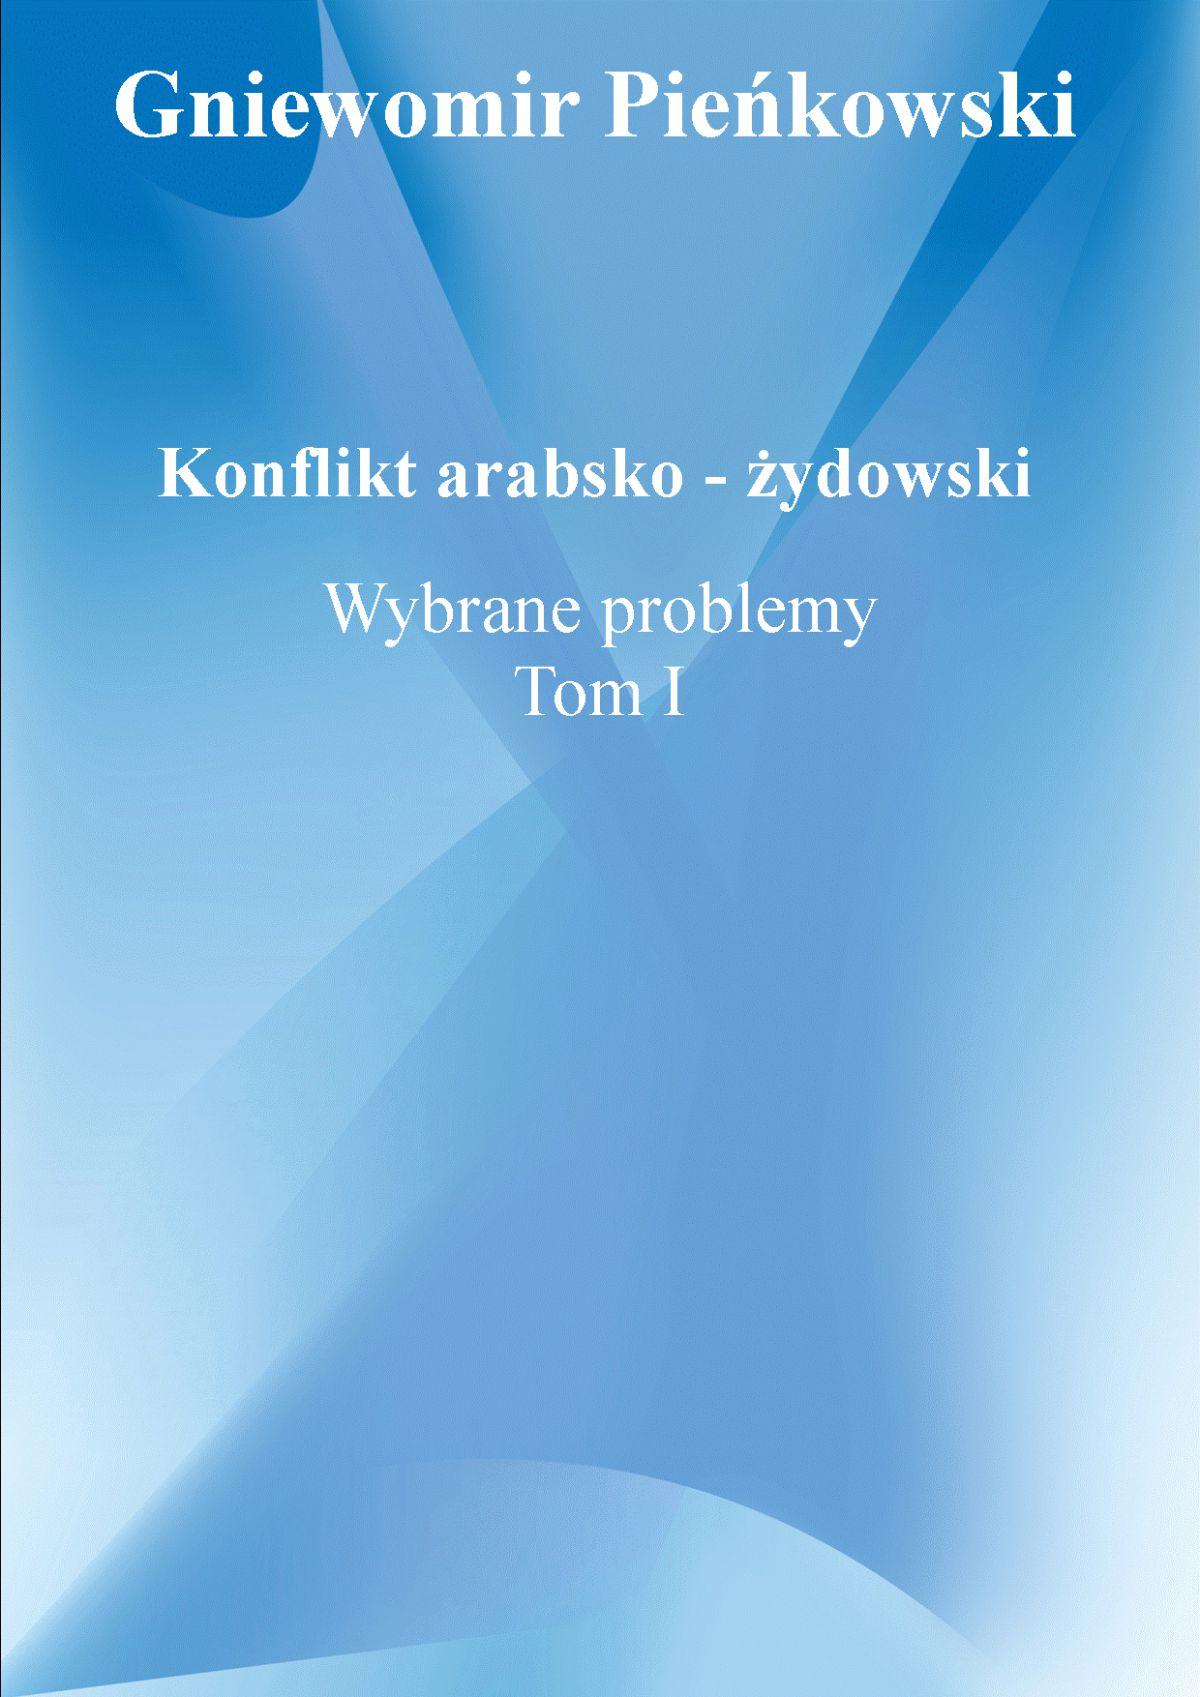 Konflikt arabsko - żydowski. Wybrane problemy. Tom I. - Ebook (Książka PDF) do pobrania w formacie PDF